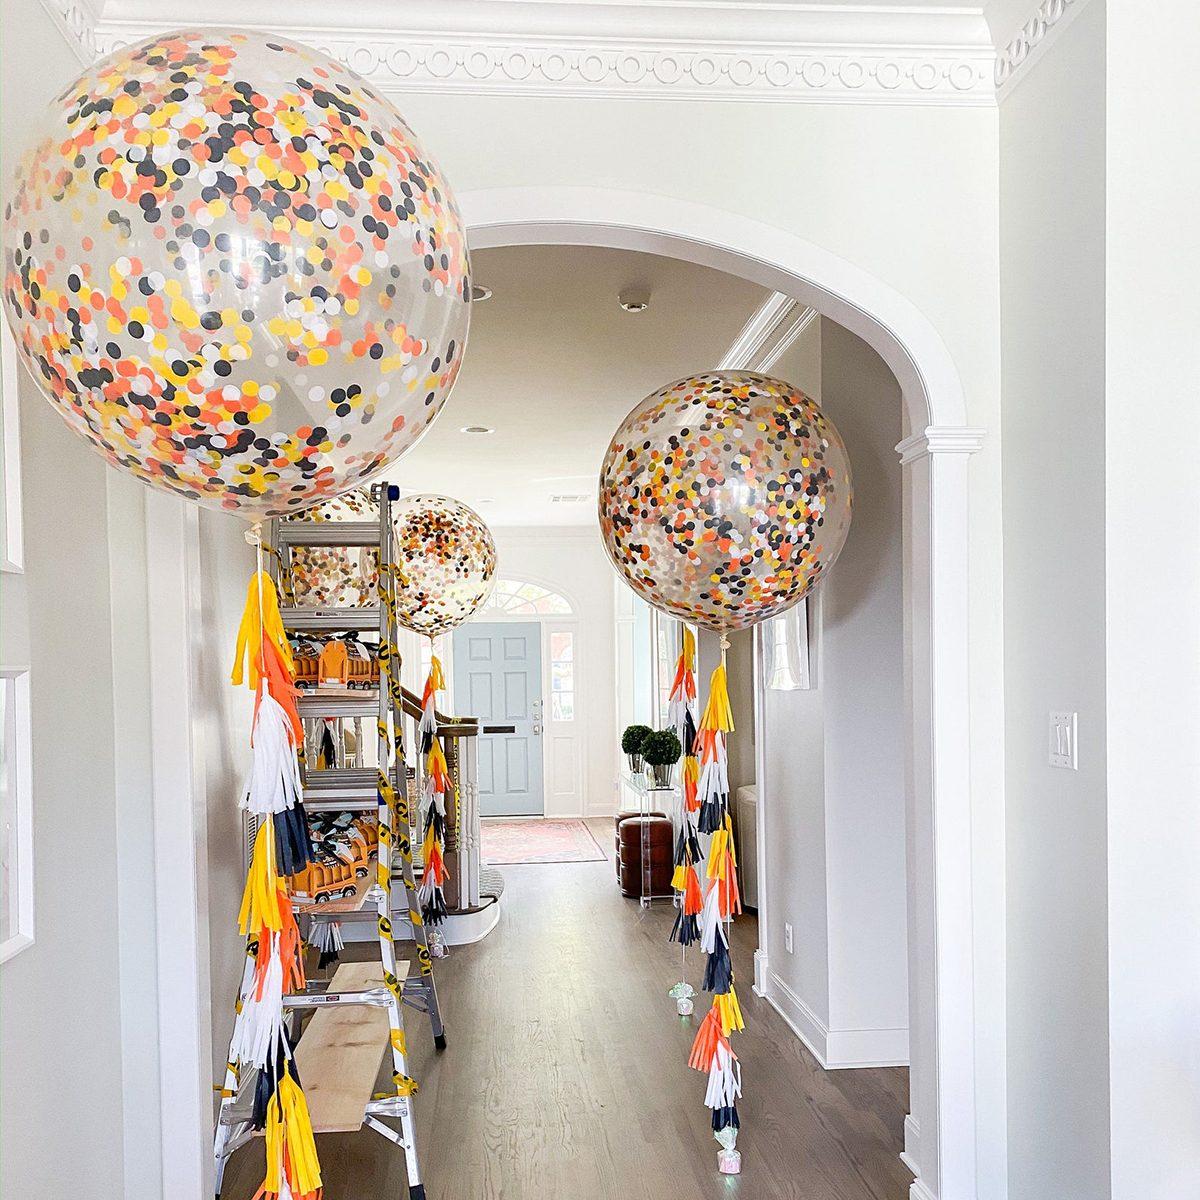 Construction Party Jumbo Confetti Balloon - Construction Balloons - Construction Party Decorations - Orange Yellow Black White Balloon